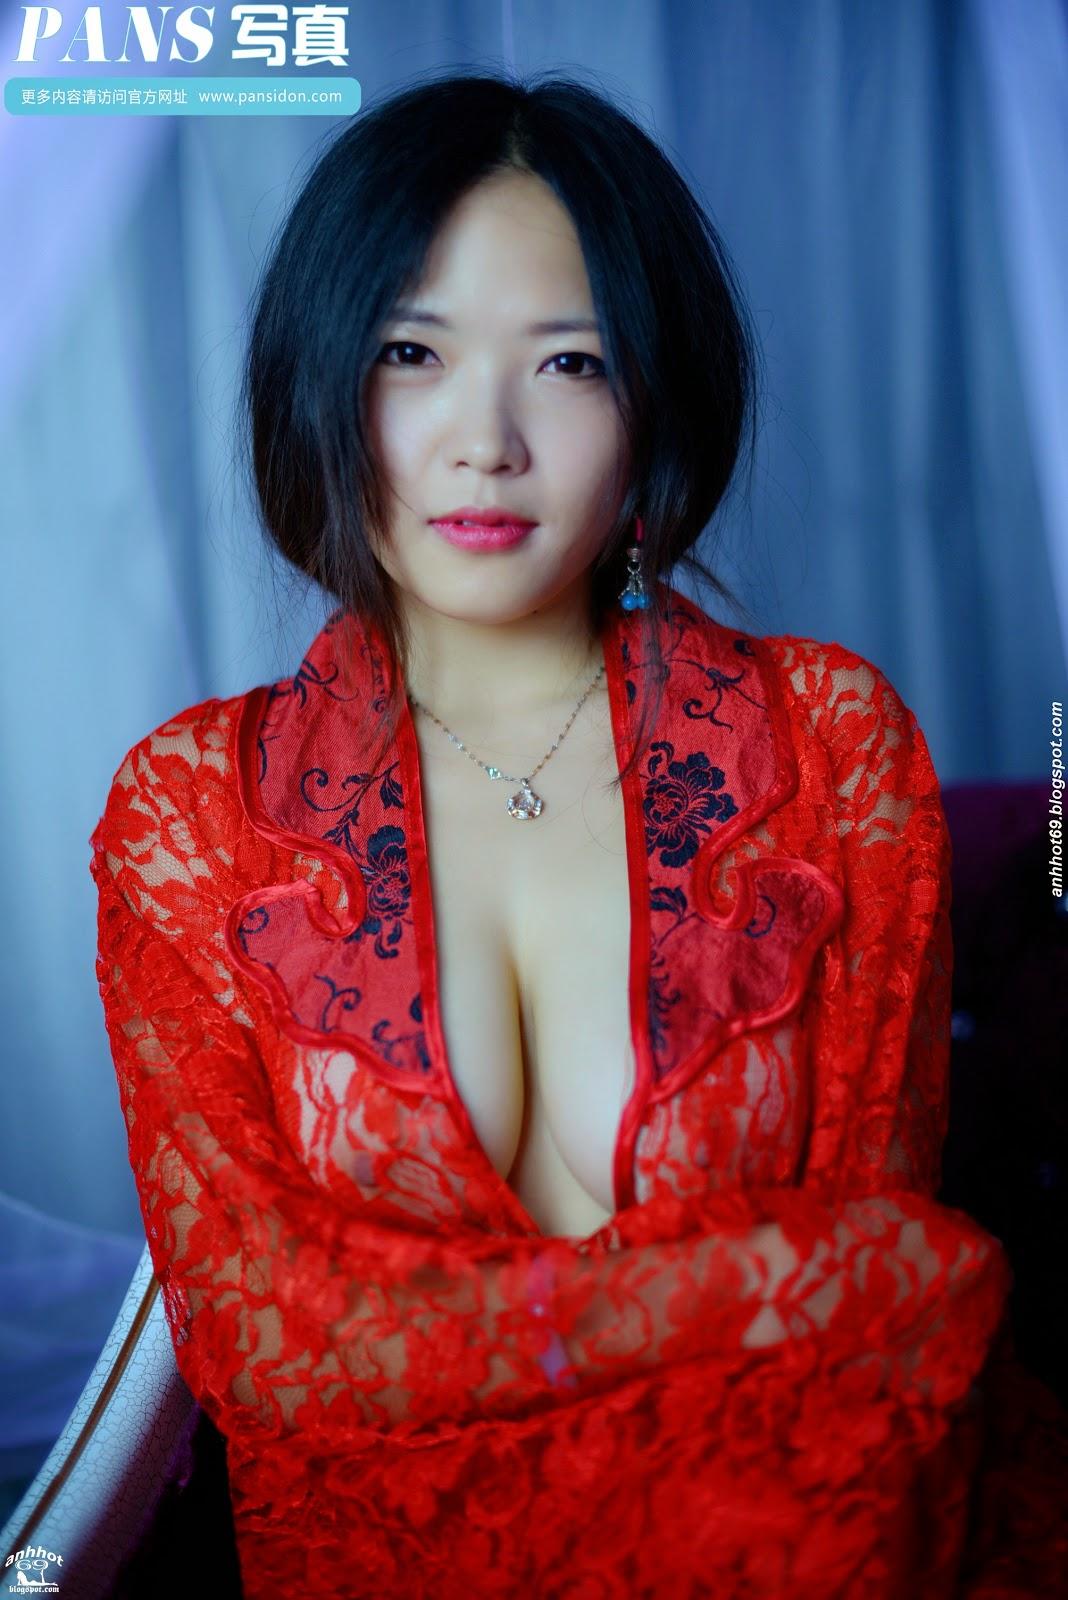 yuhan-pansidon-02851574